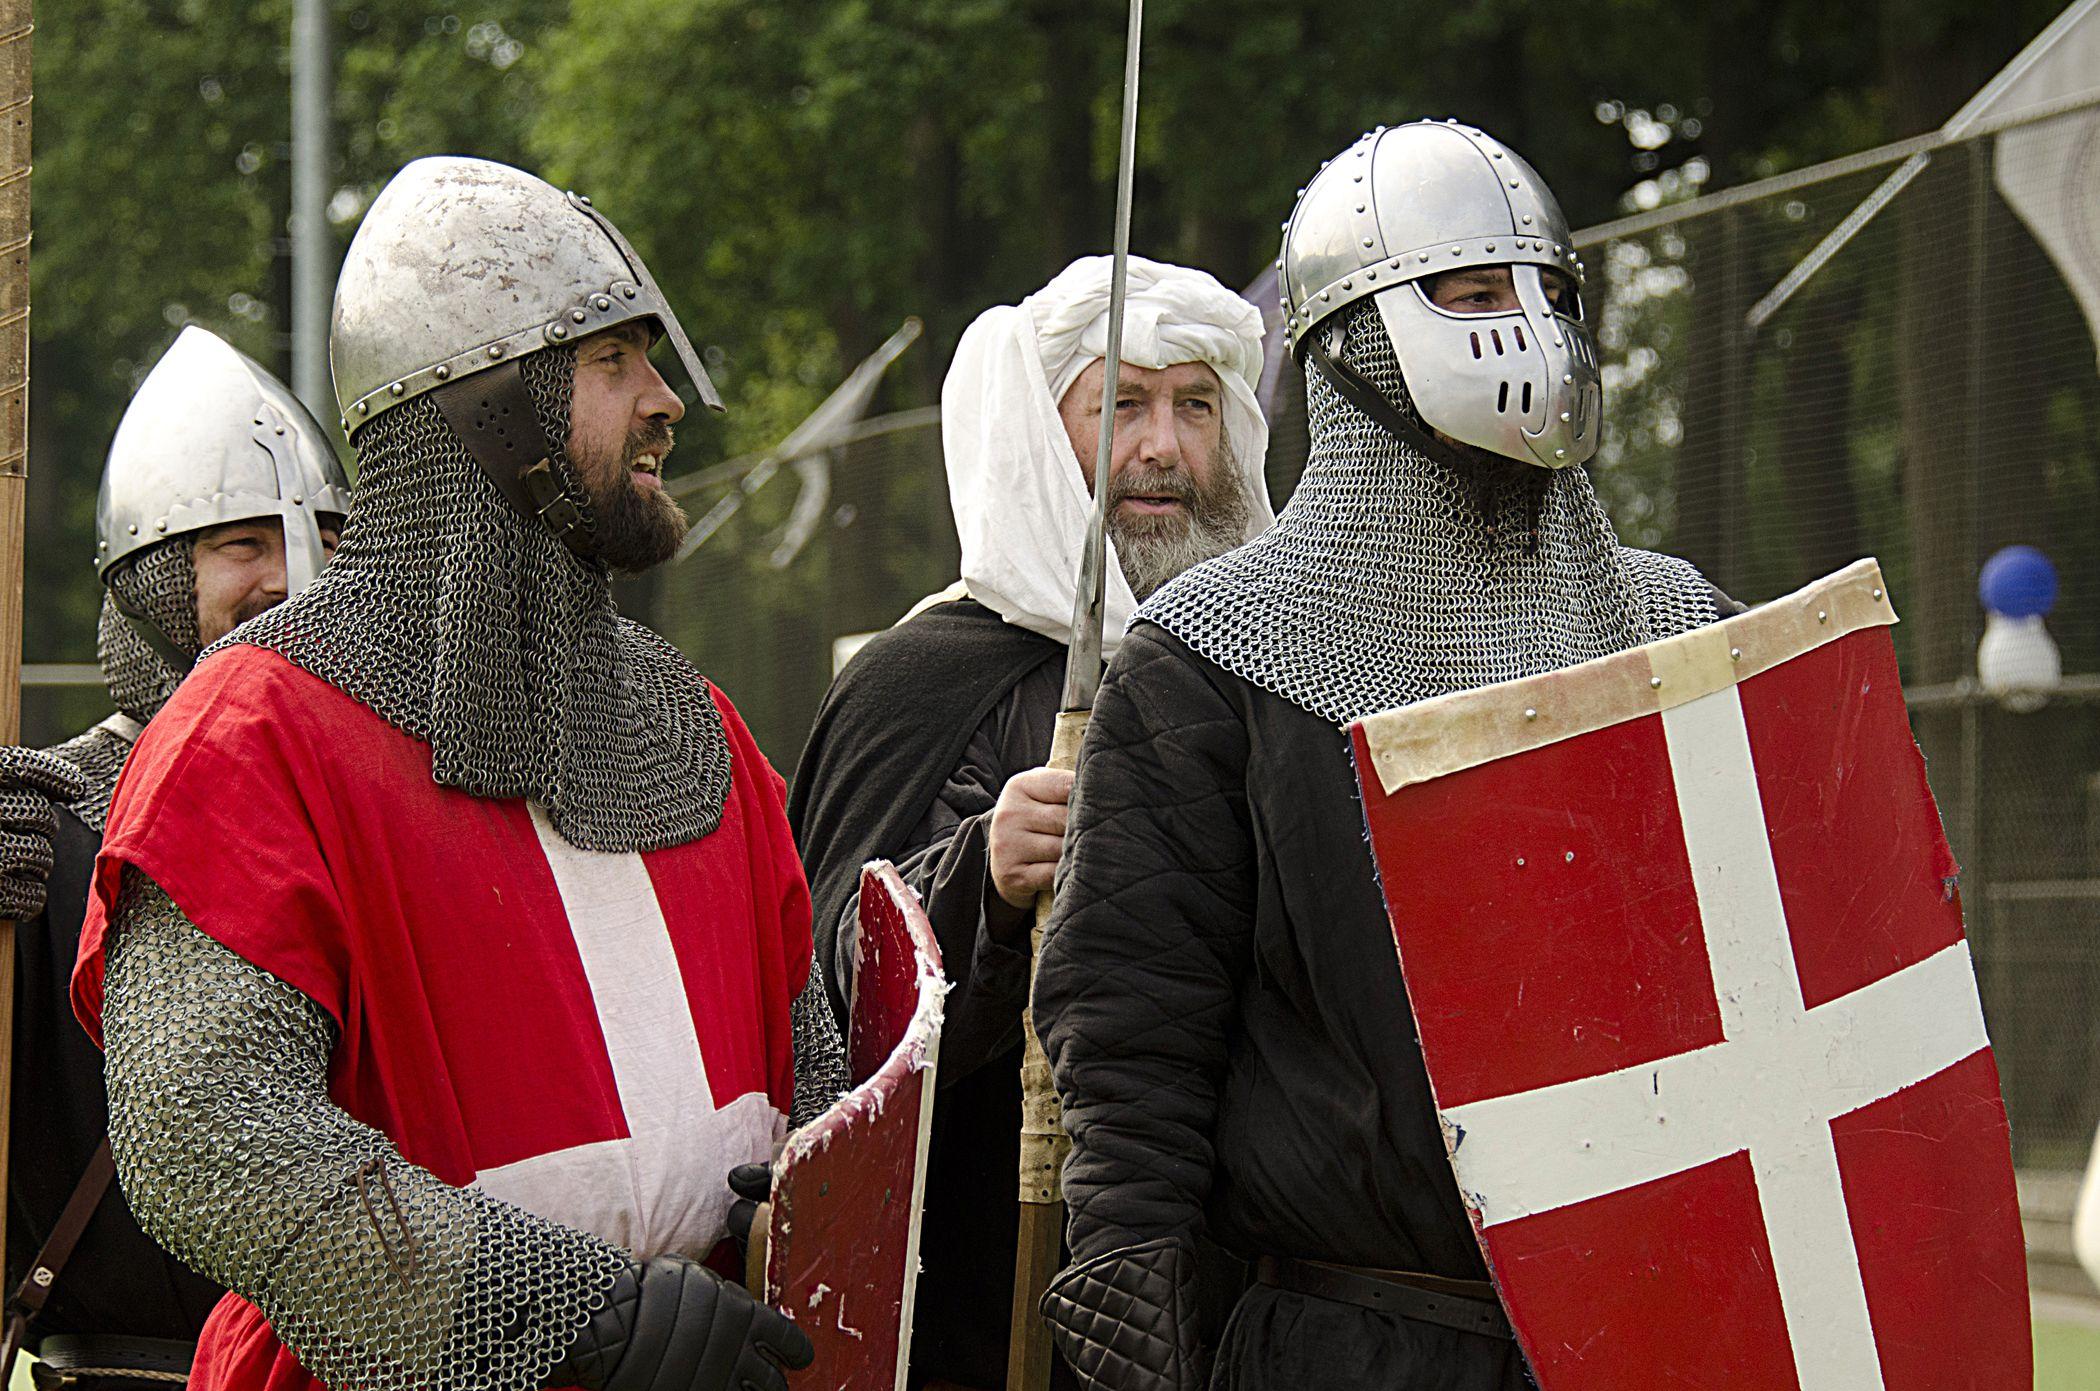 Hospitaller knights Crusades